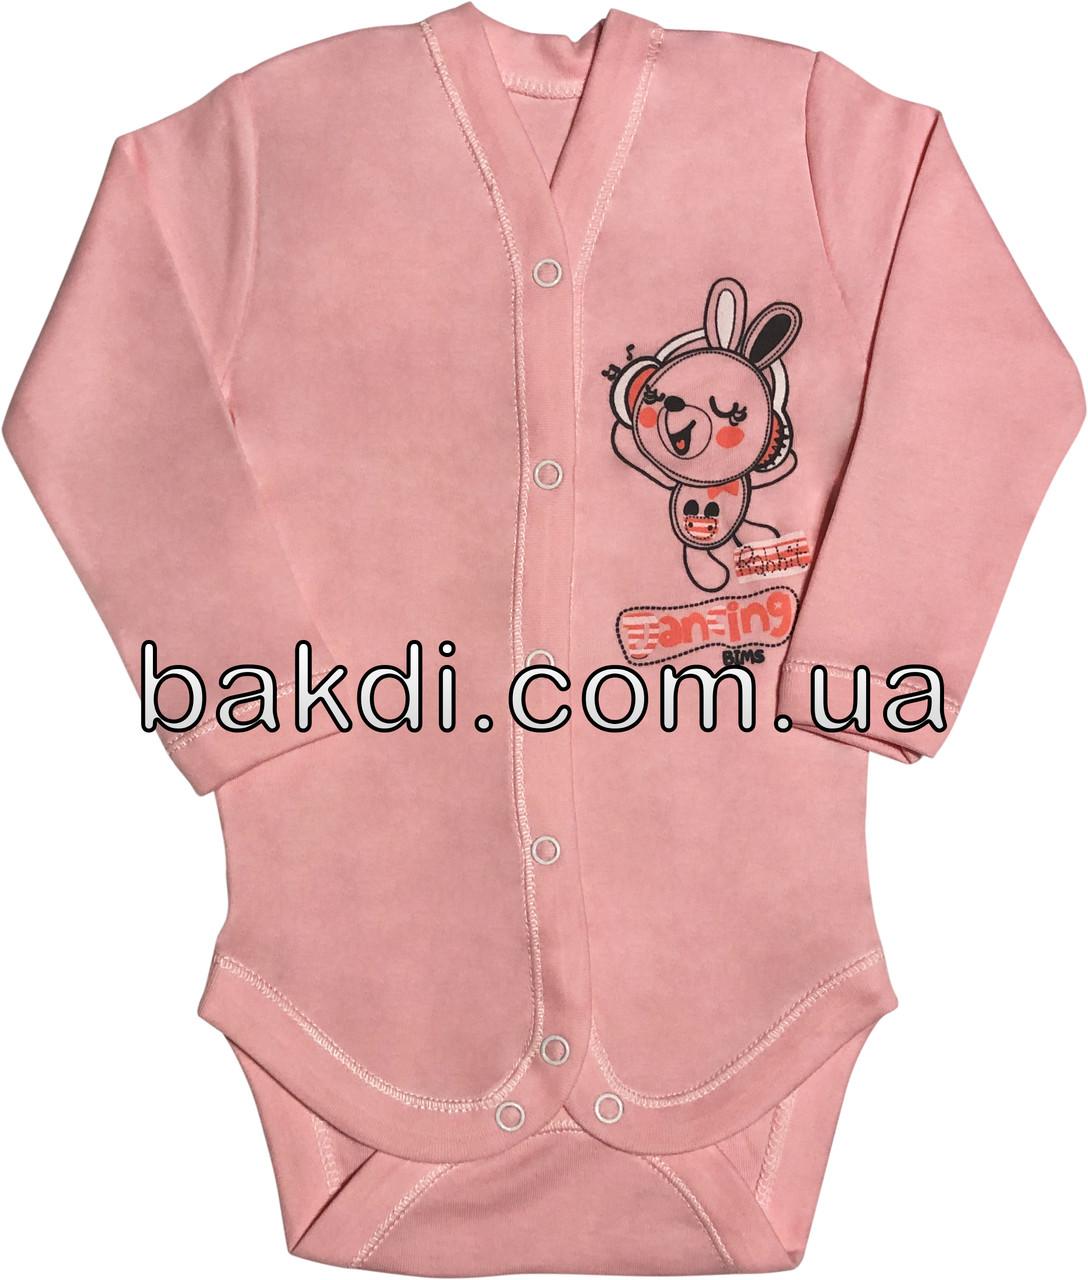 Детское боди рост 56 0-2 мес трикотажное интерлок розовое на девочку бодик с длинным рукавом для новорожденных малышей Р334